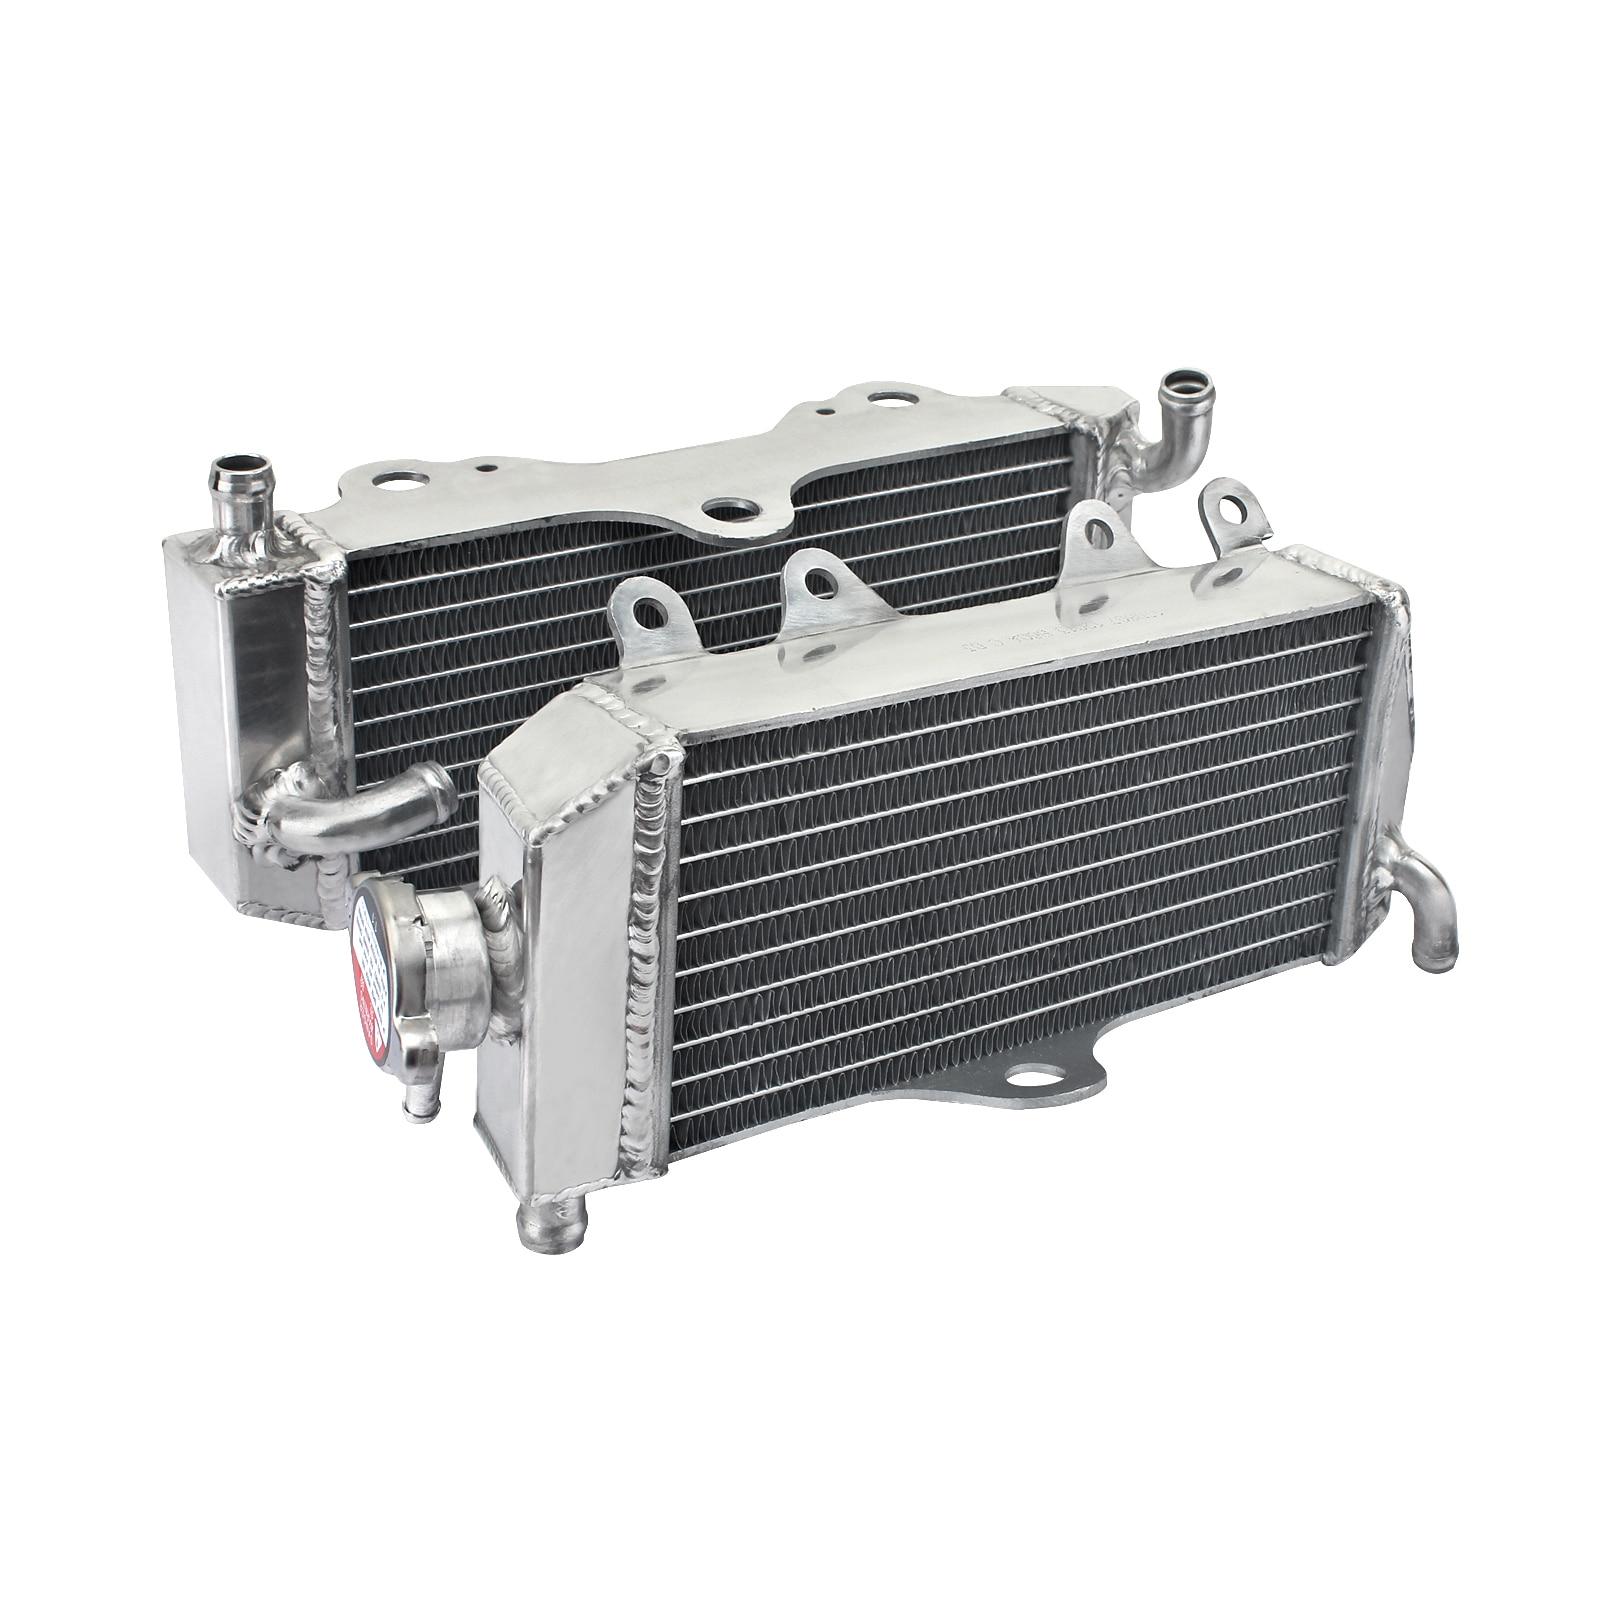 Radiadores de refrigeración de agua de motor de aluminio BIKINGBOY MX para Yamaha YZ 125 WR 125 YZ125 WR125 02 03 04 2002 2003 2004